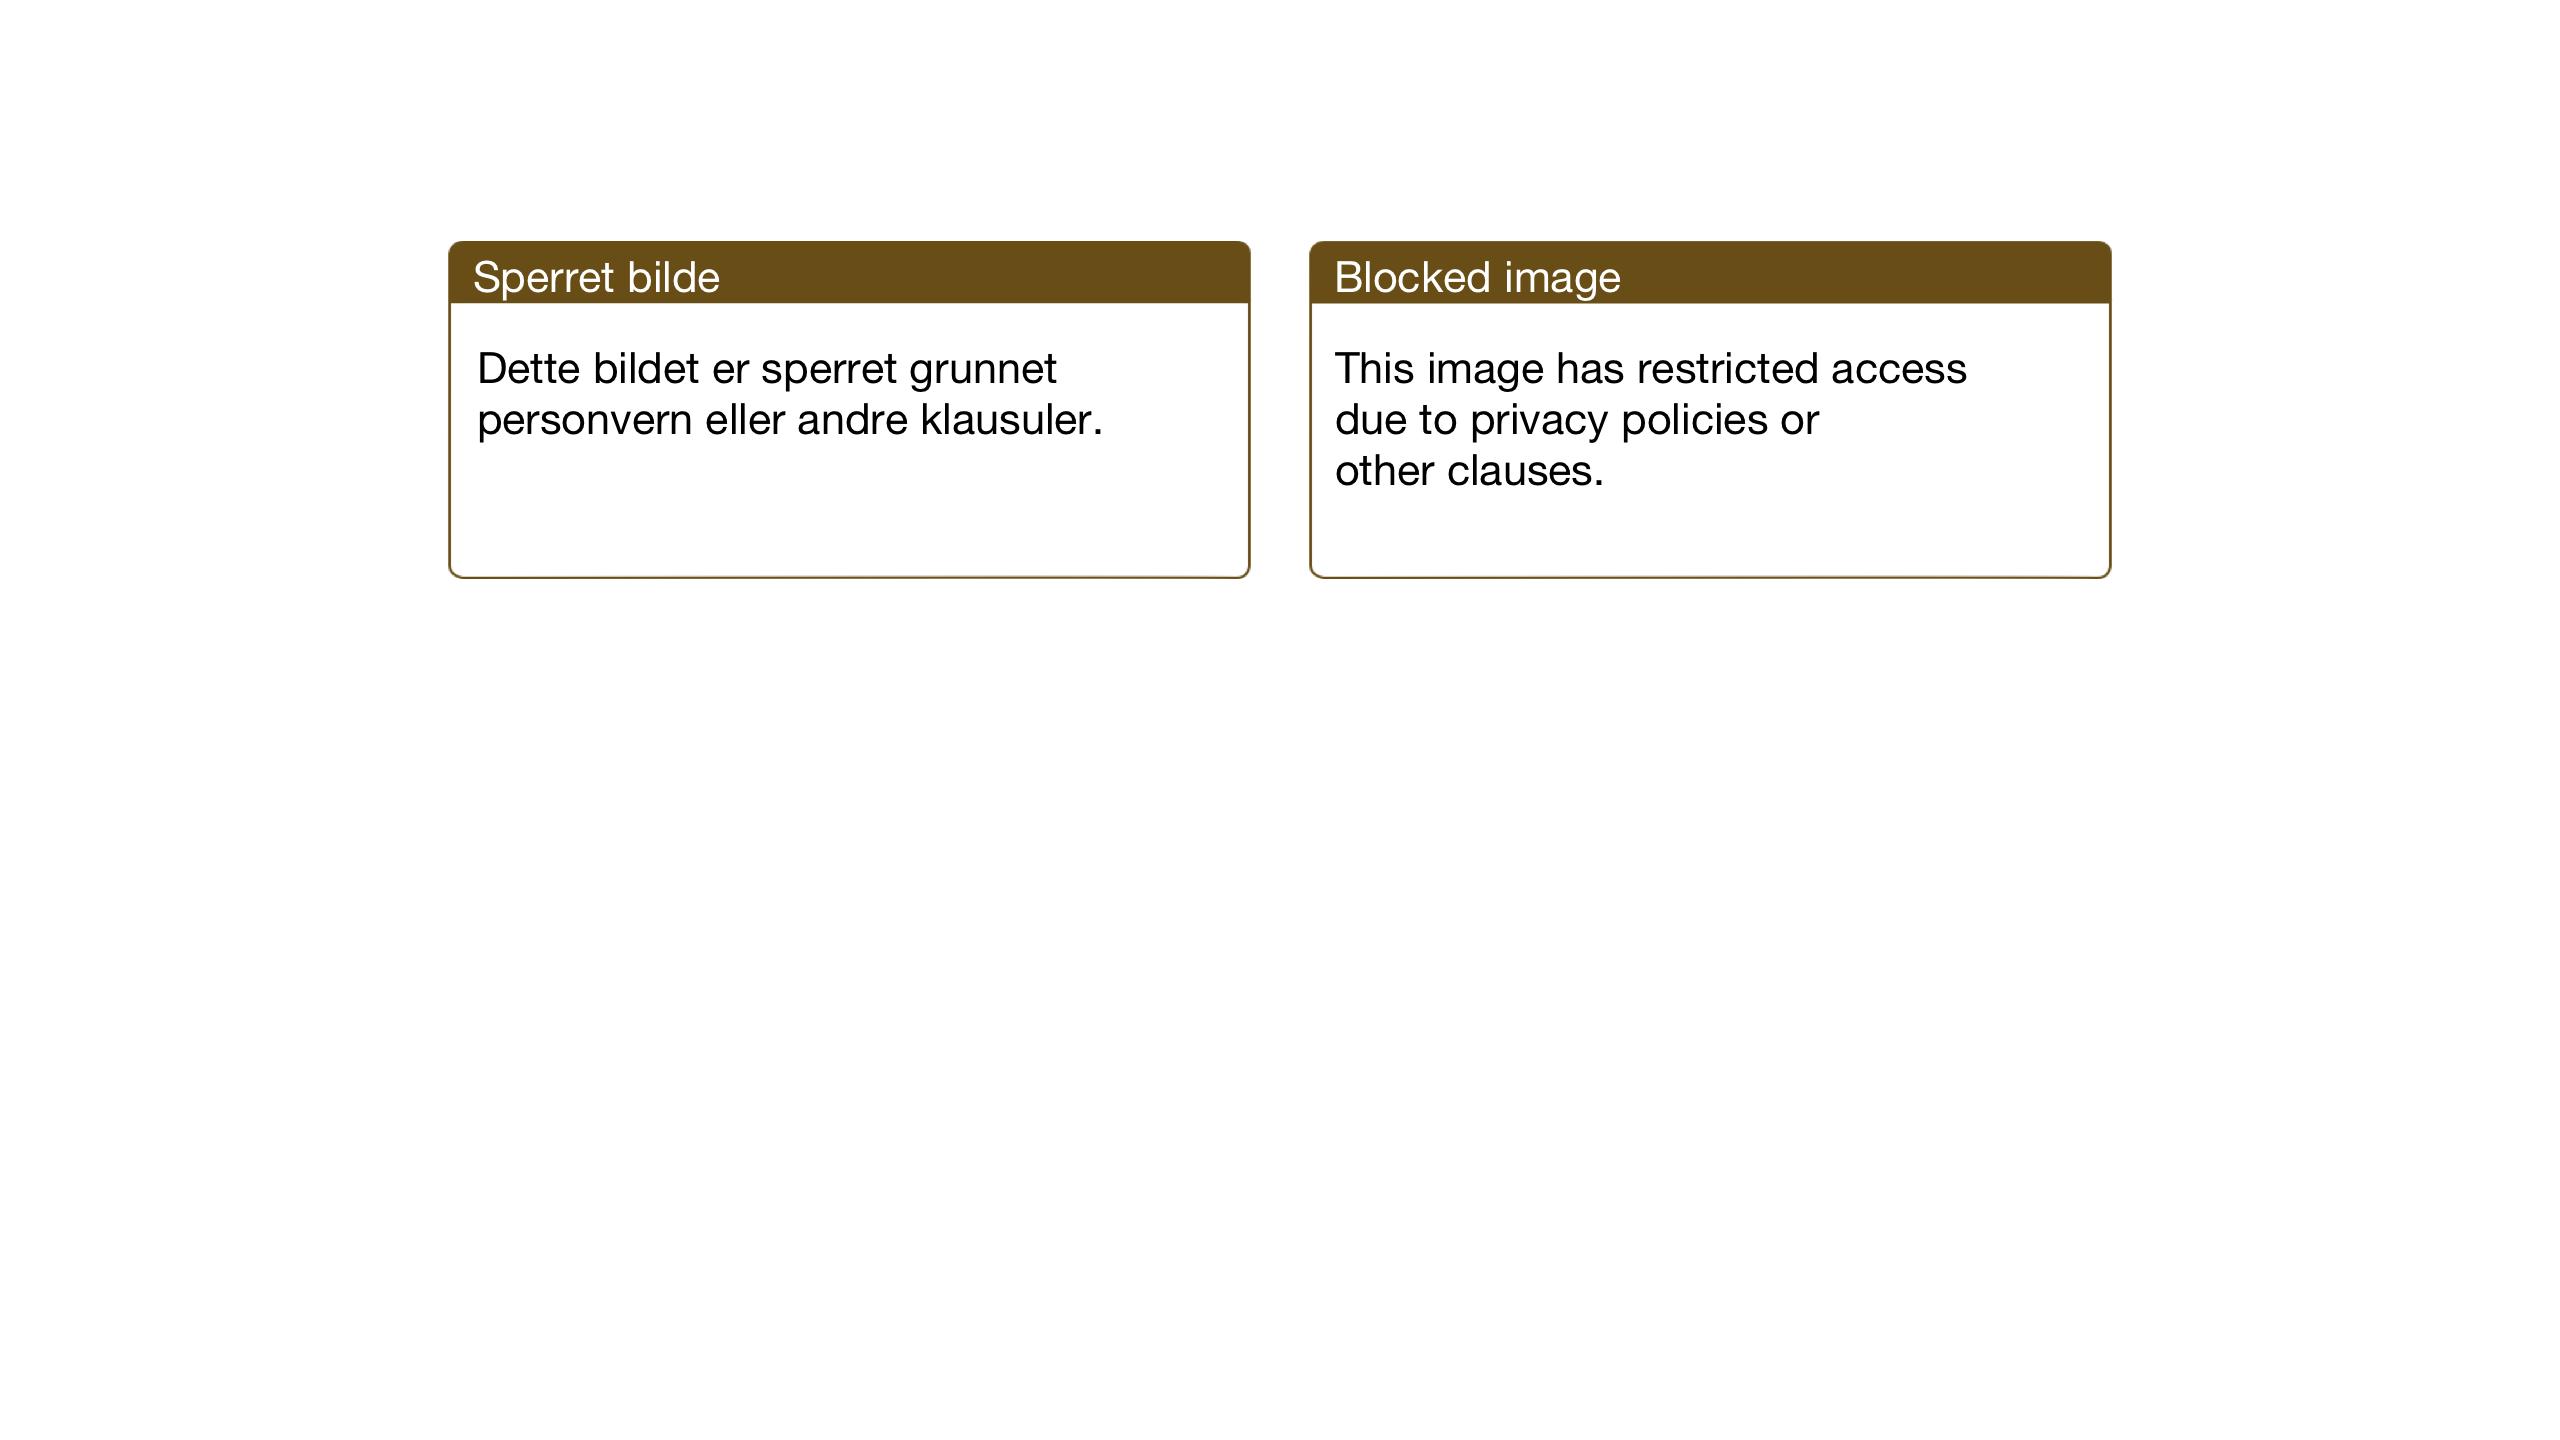 SAT, Ministerialprotokoller, klokkerbøker og fødselsregistre - Sør-Trøndelag, 602/L0153: Klokkerbok nr. 602C21, 1940-1949, s. 1